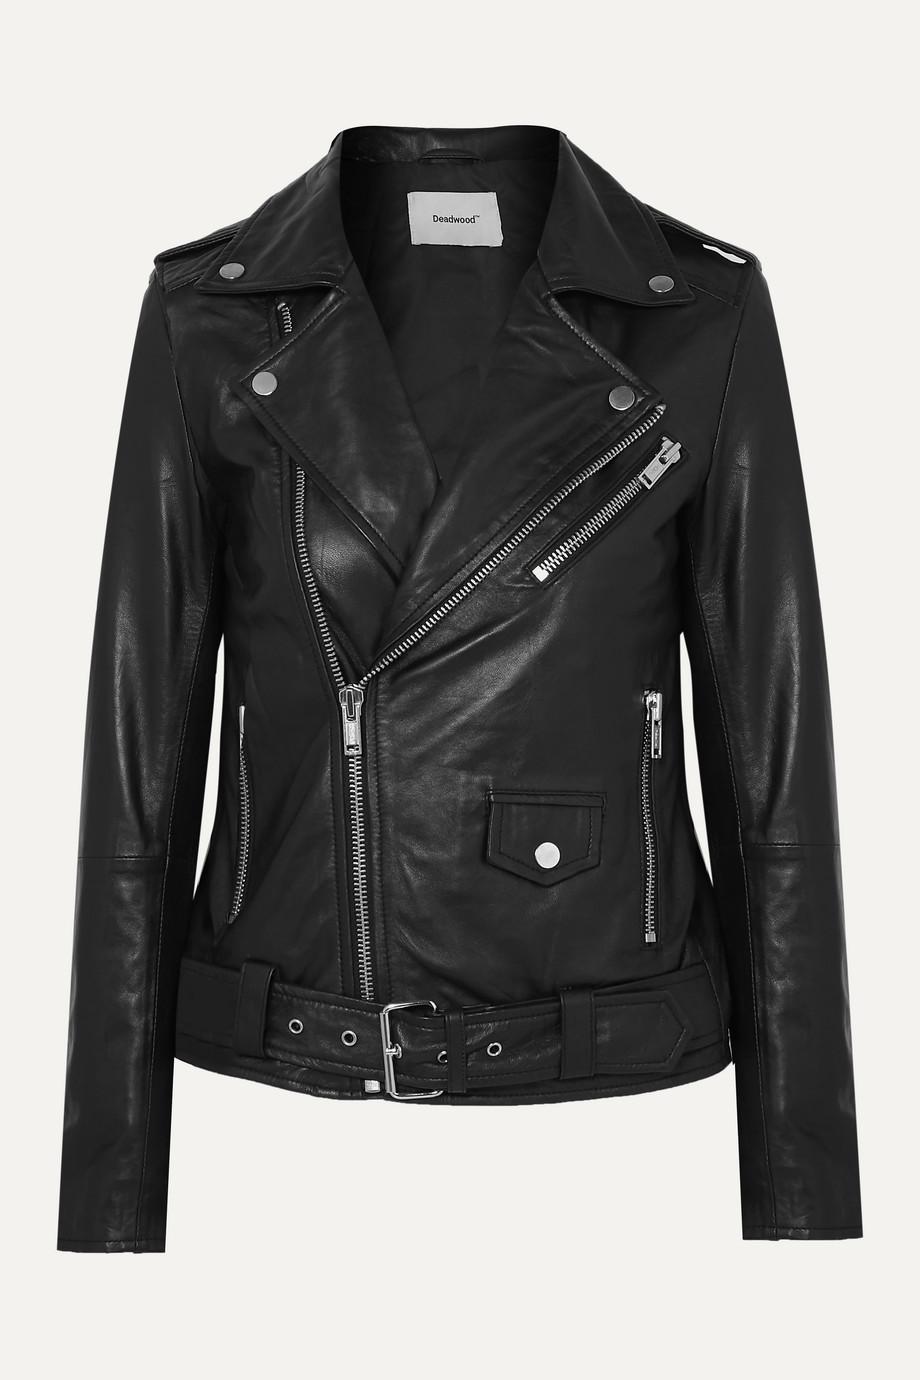 Deadwood + NET SUSTAIN Classic Biker leather jacket